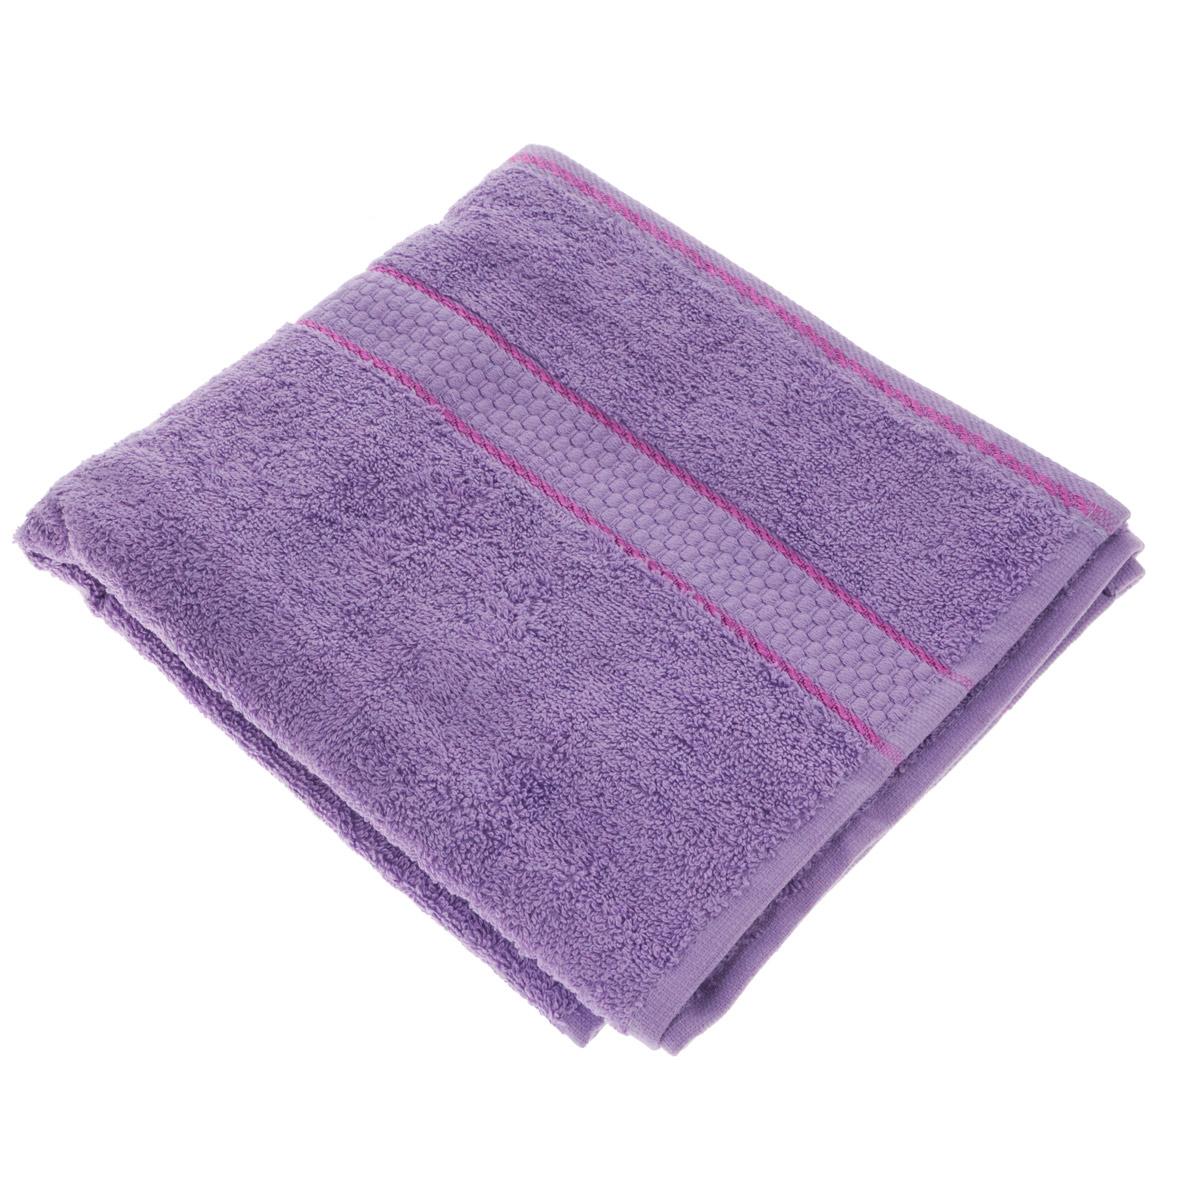 Полотенце махровое Osborn Textile, цвет: сиреневый, 50 см х 90 смУзТ-МПМ-004-01-05В состав полотенца Osborn Textile входит только натуральное волокно - хлопок. Лаконичные бордюры подойдут для любого интерьера ванной комнаты. Полотенце прекрасно впитывает влагу и быстро сохнет. При соблюдении рекомендаций по уходу не линяет и не теряет форму даже после многократных стирок. Плотность: 450 г/м2.